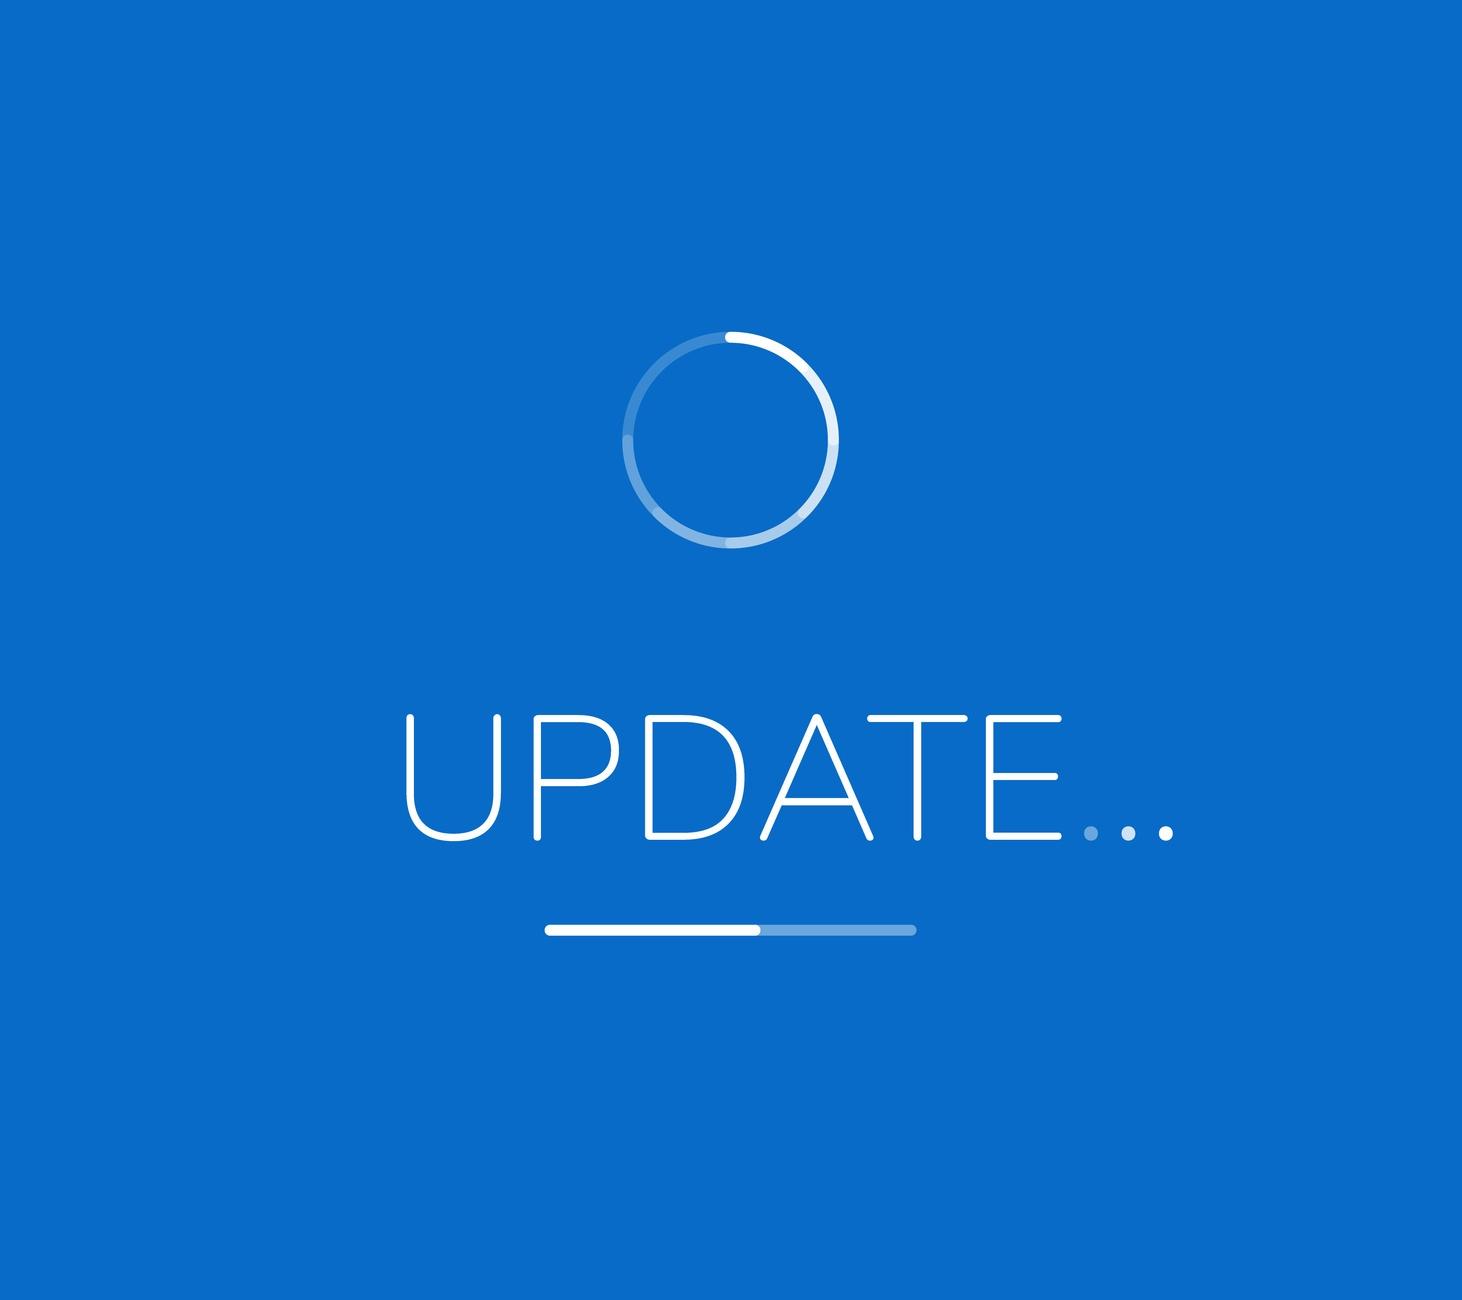 fccs july 2018 updates